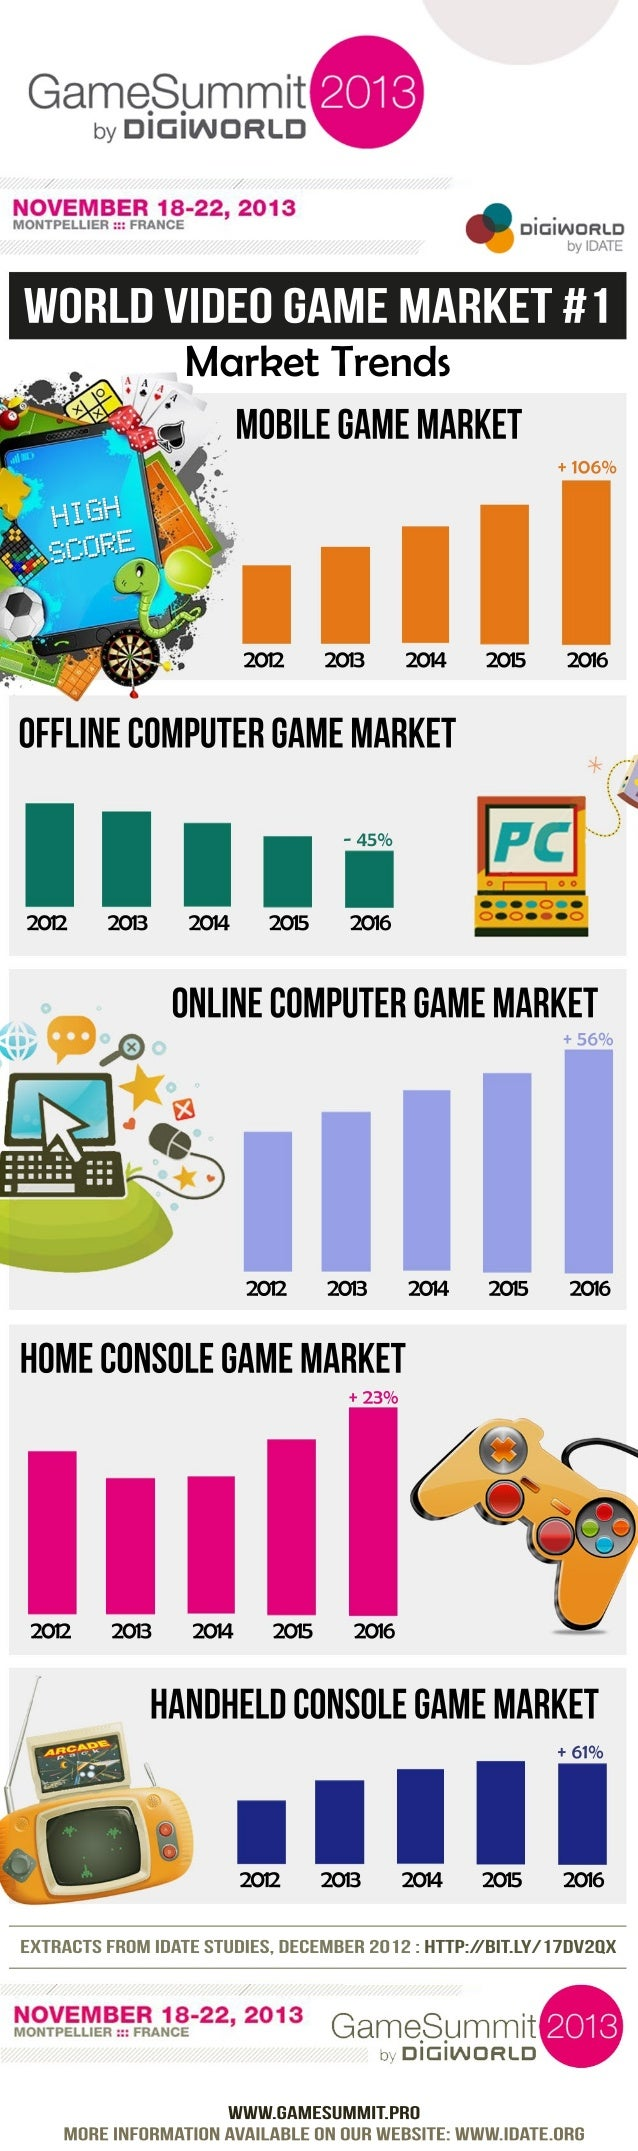 DigiWorld Game Summit - World Video Game Market #1